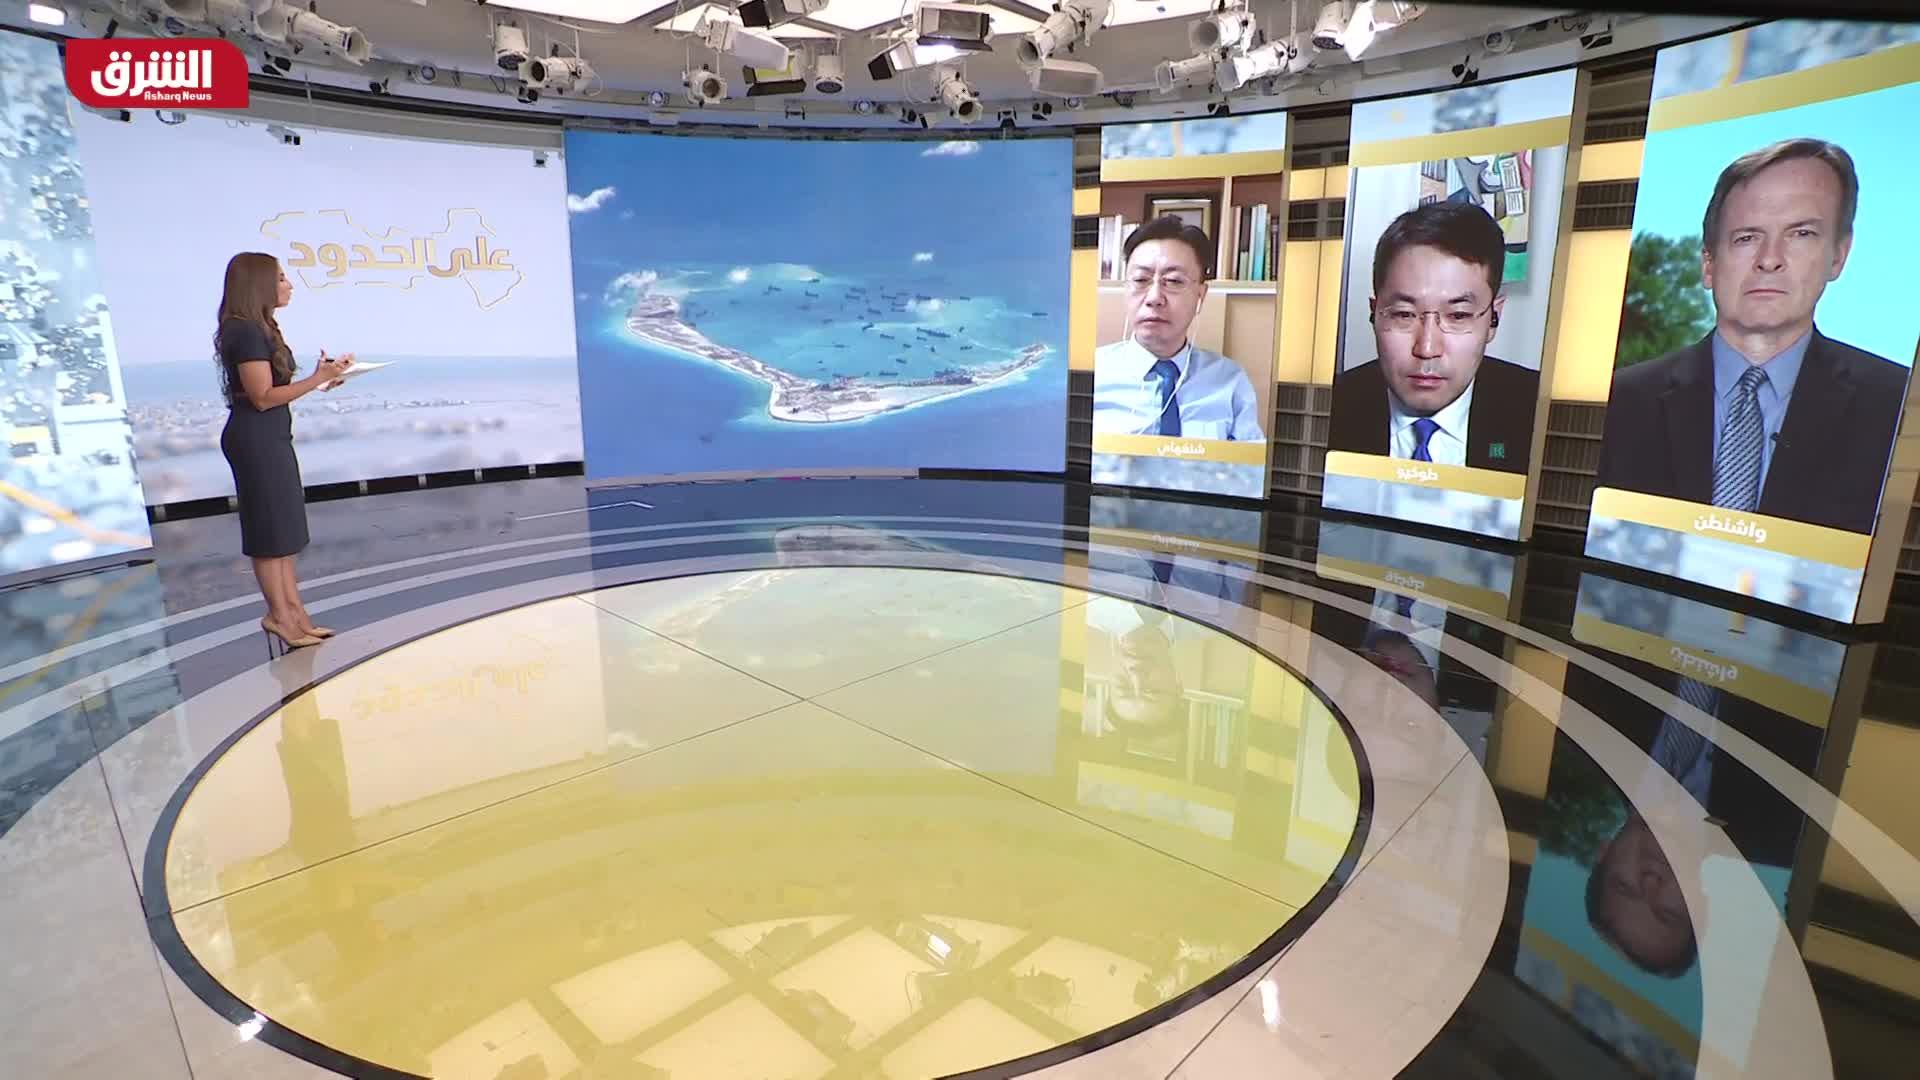 ما حاجة الصين لاستثماراتها في بحر الصين الجنوبي؟